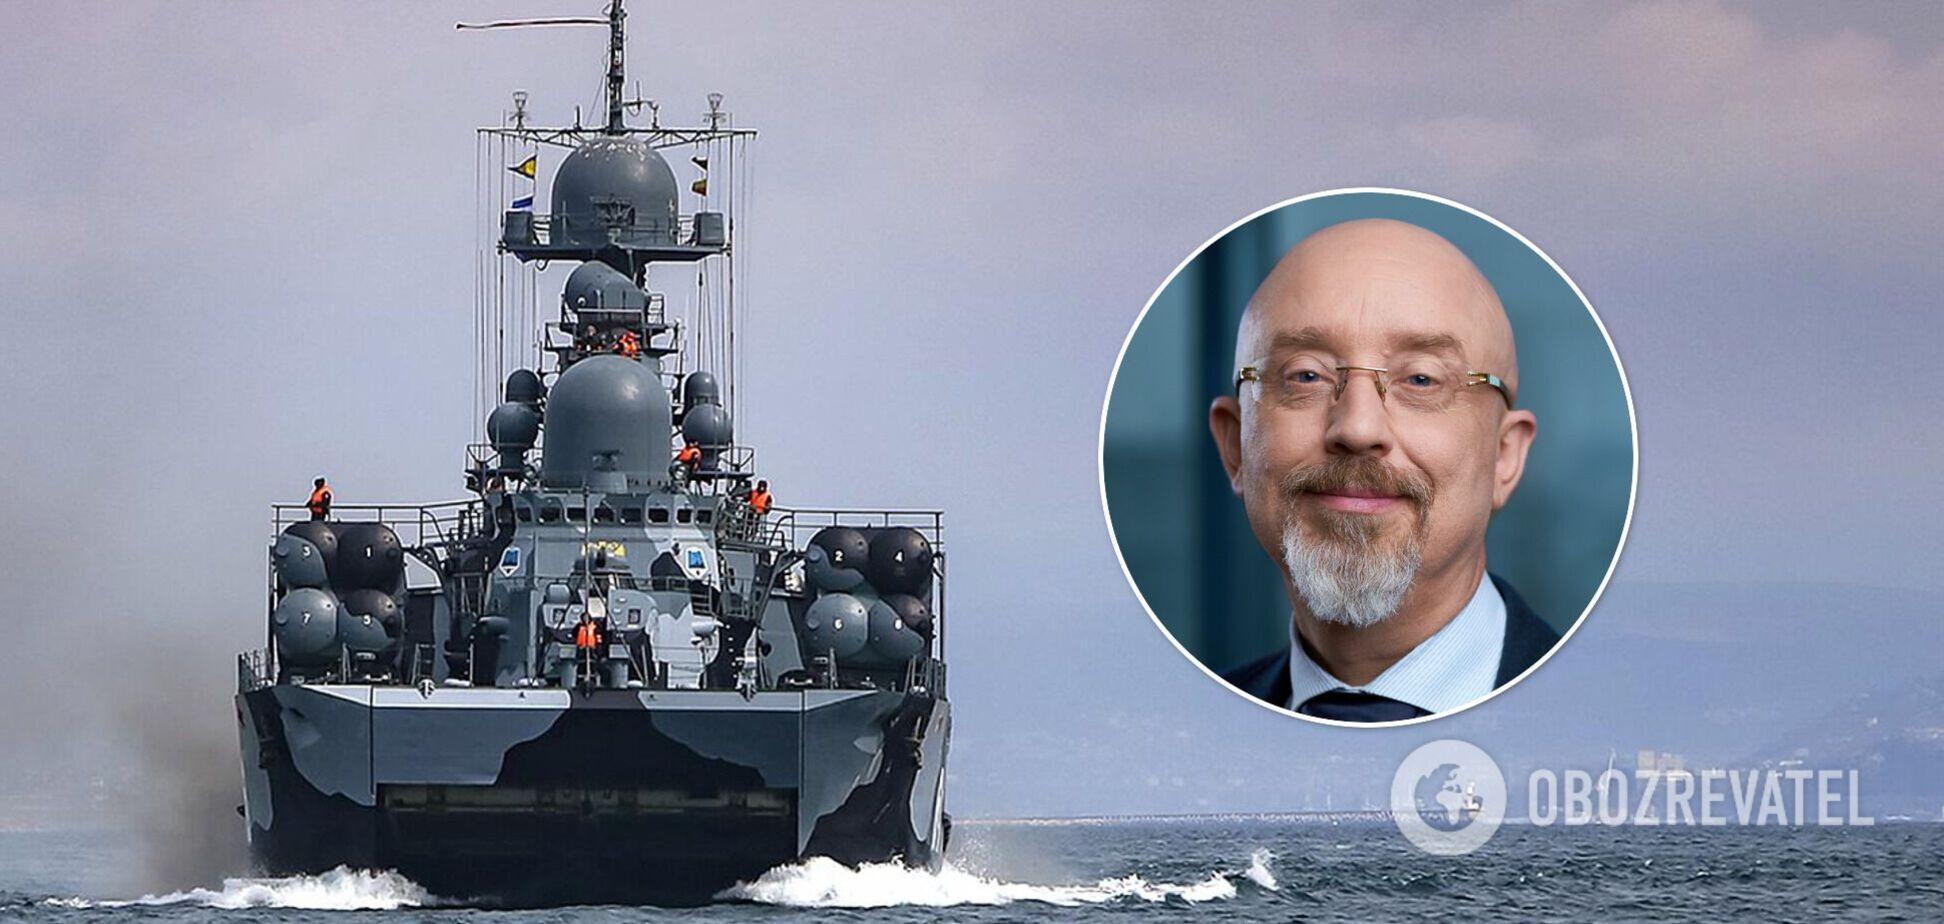 Росії потрібне не тільки Чорне море: Резніков назвав головну загрозу від розміщення ядерної зброї в Криму